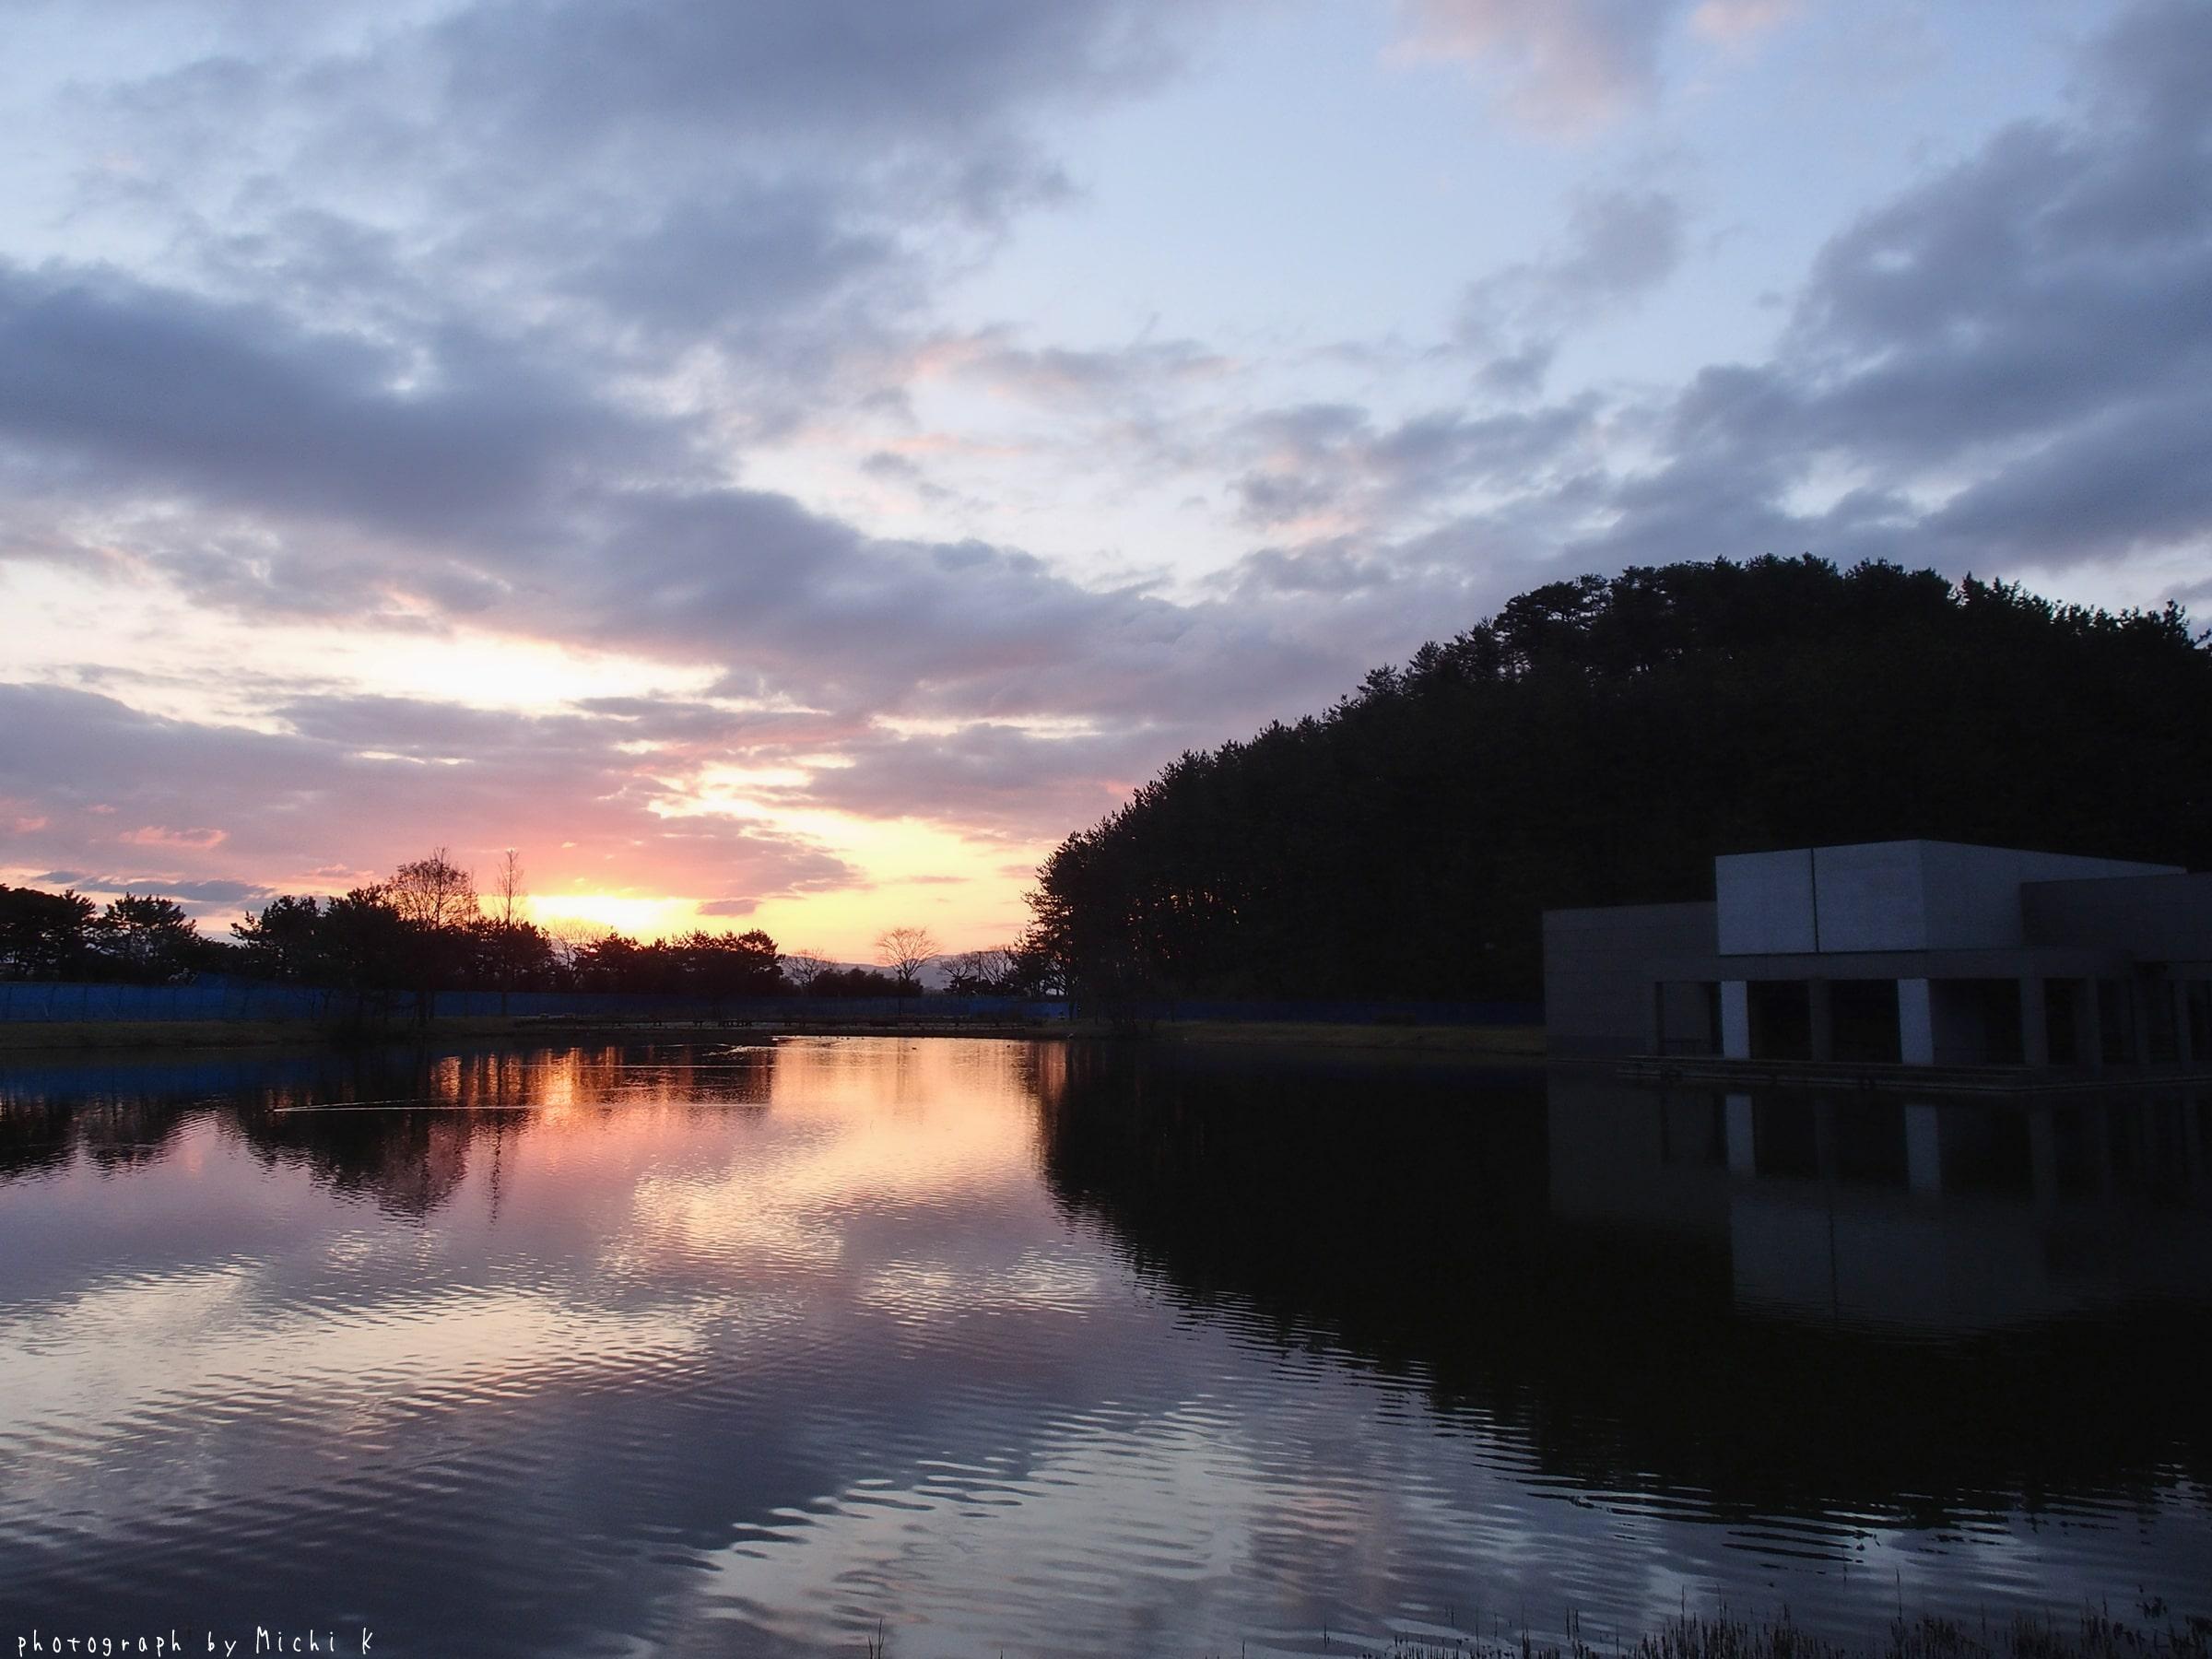 土門拳記念館にて2019-3-9朝(写真その1)